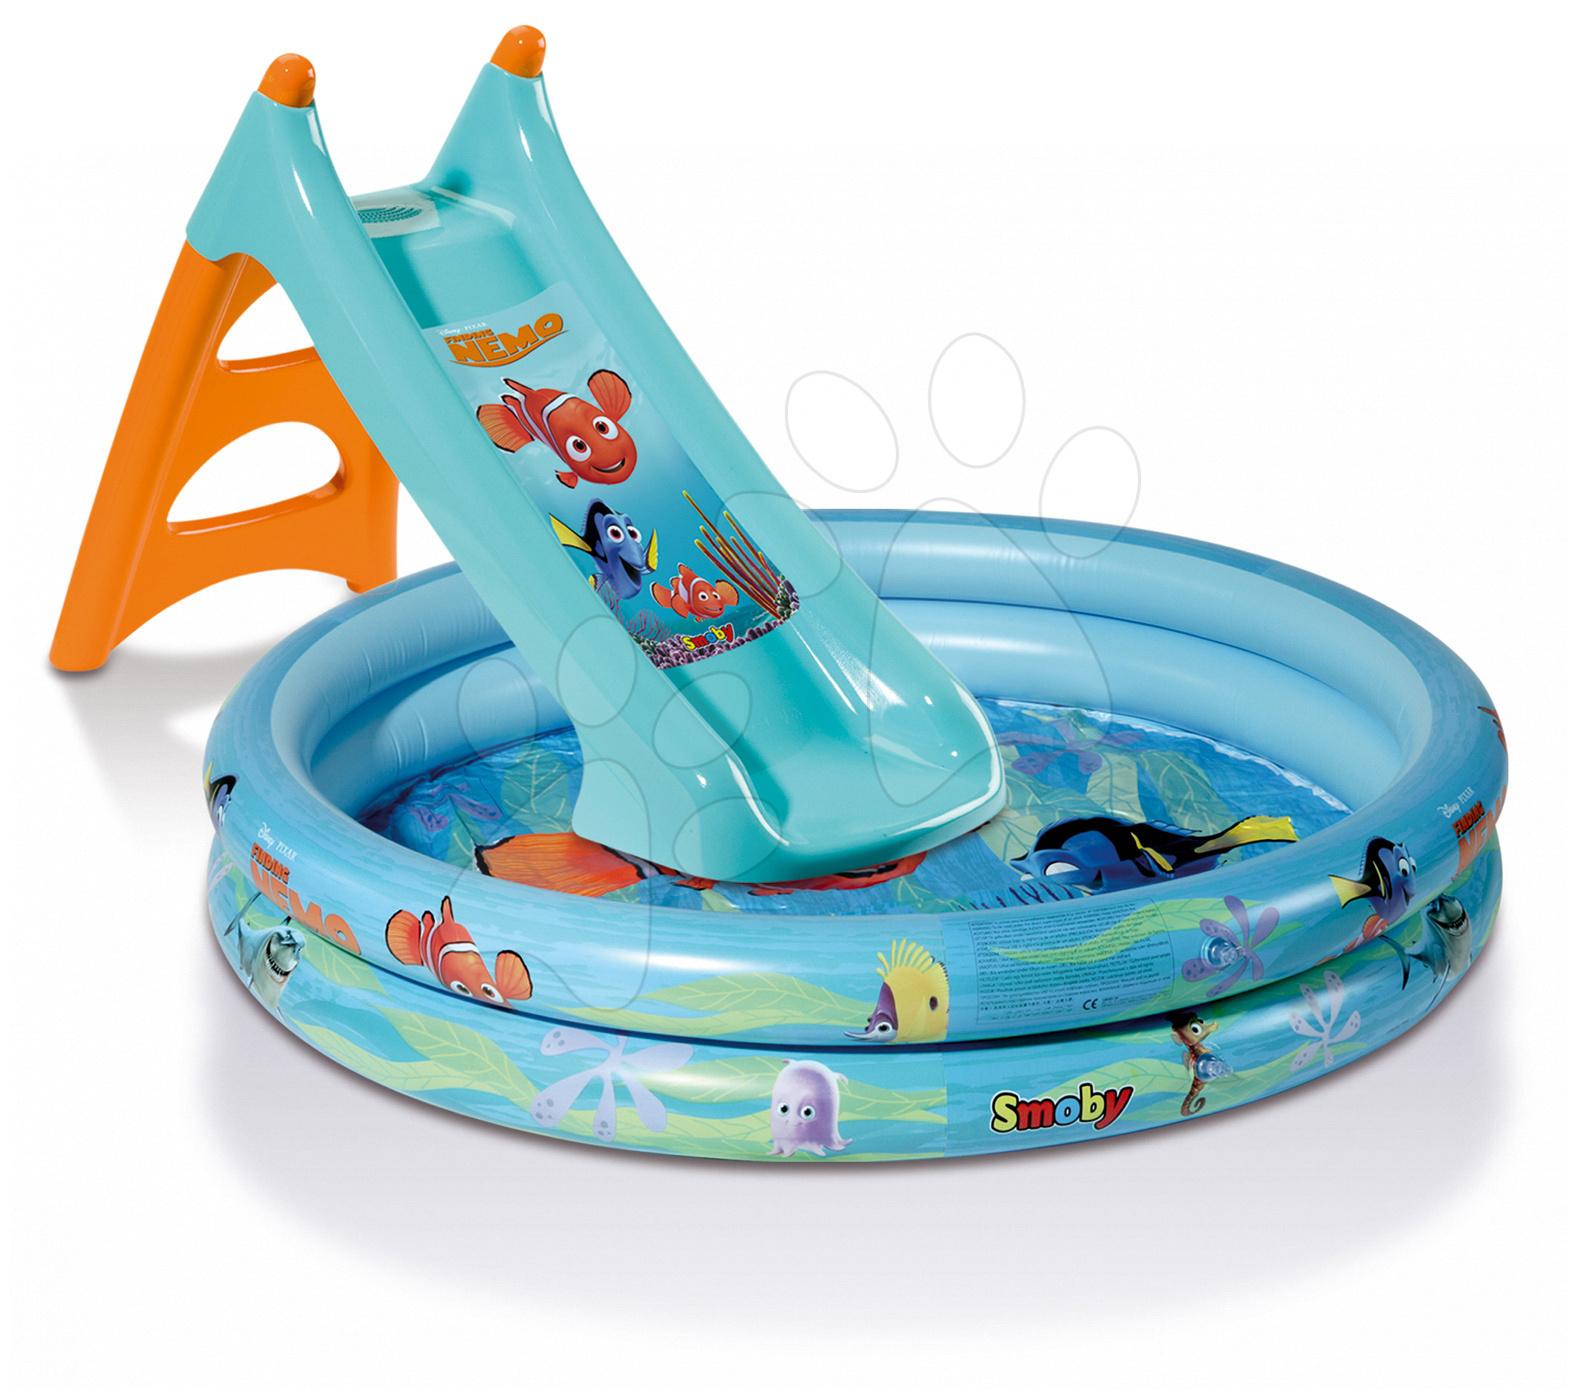 Tobogane pentru copii - Tobogan Nemo Smoby cu piscină şi cu umiditate cu lungime de 90 cm de la vârsta de 24 de luni de la 24 luni